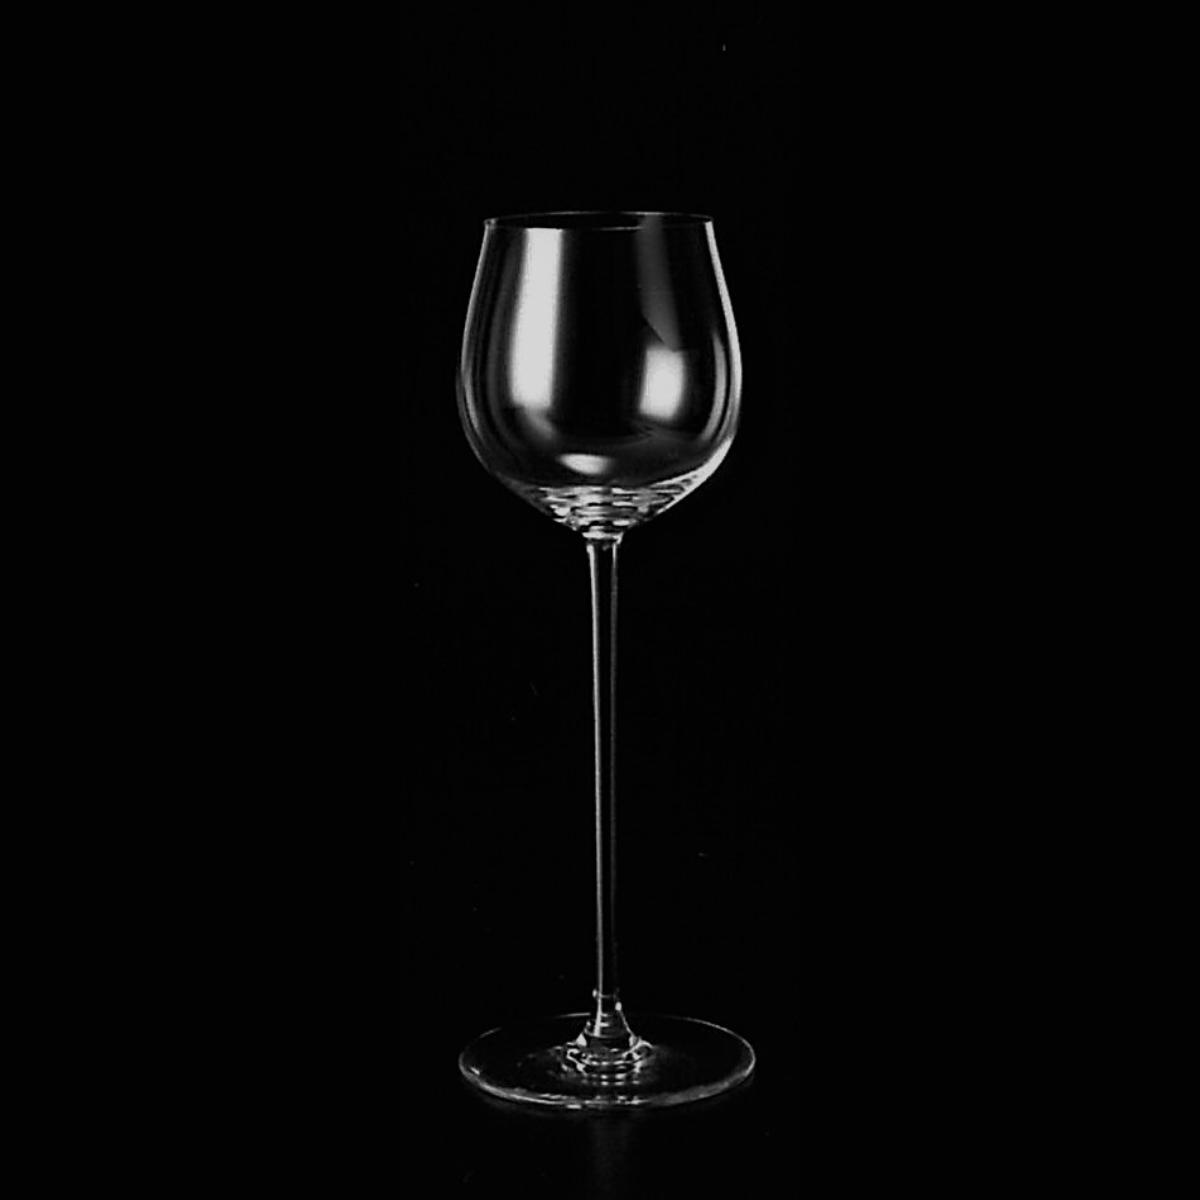 バレリーナ ワイングラス� Ballerina glass � ロブマイヤー LOBMEYR